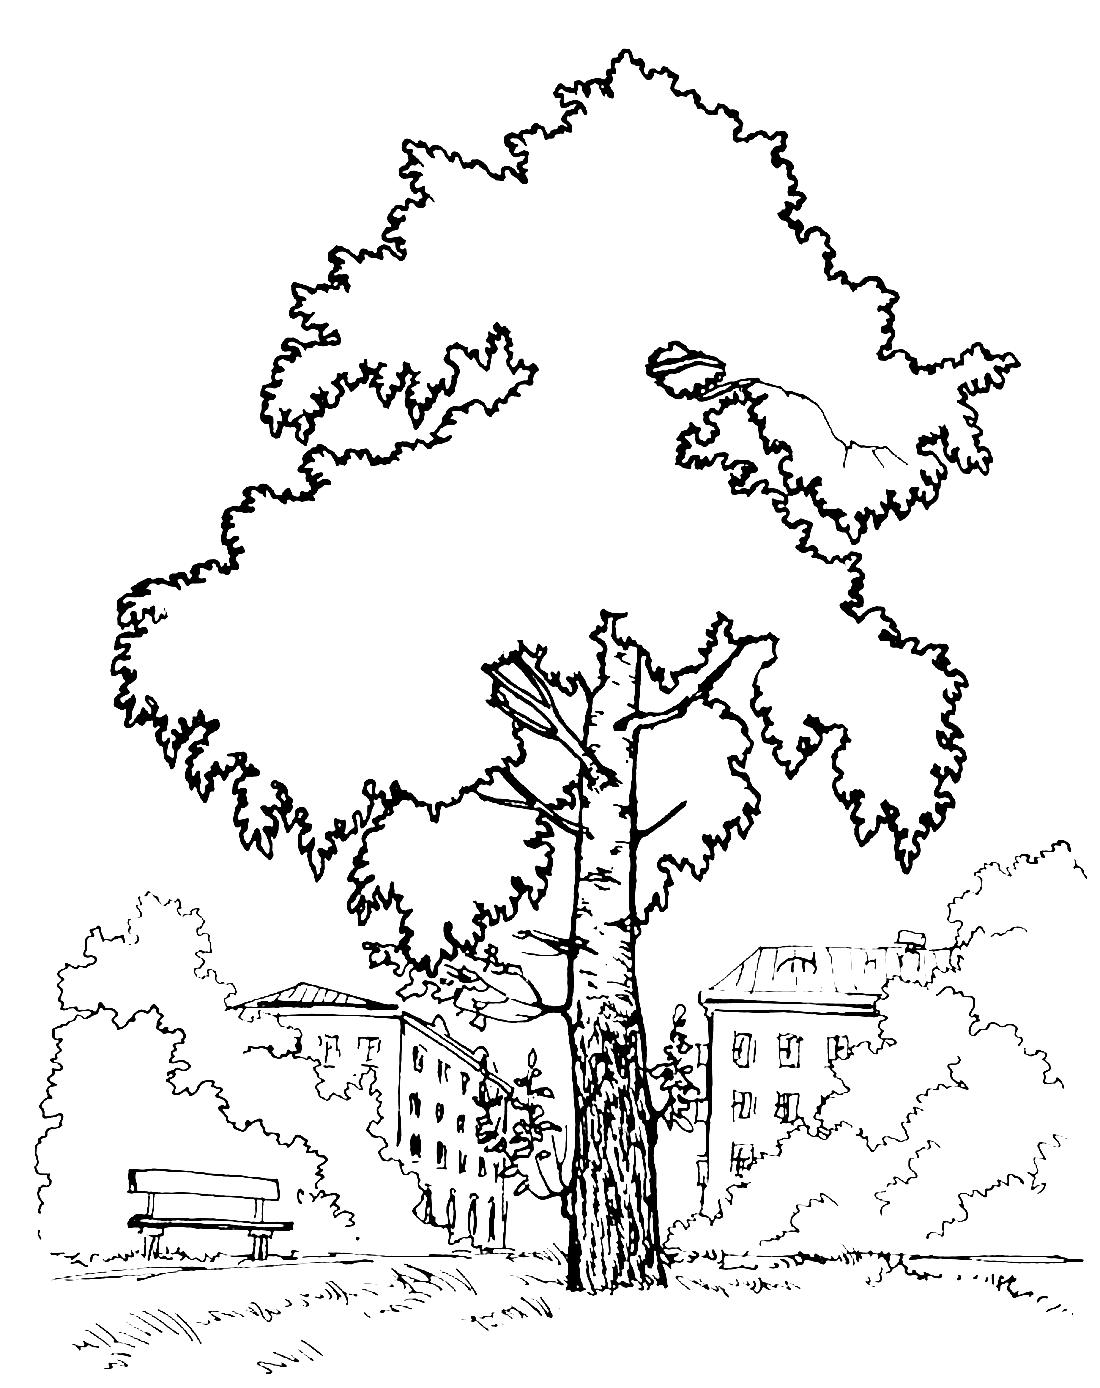 береза в городе раскраска 3095 Printonic Ru